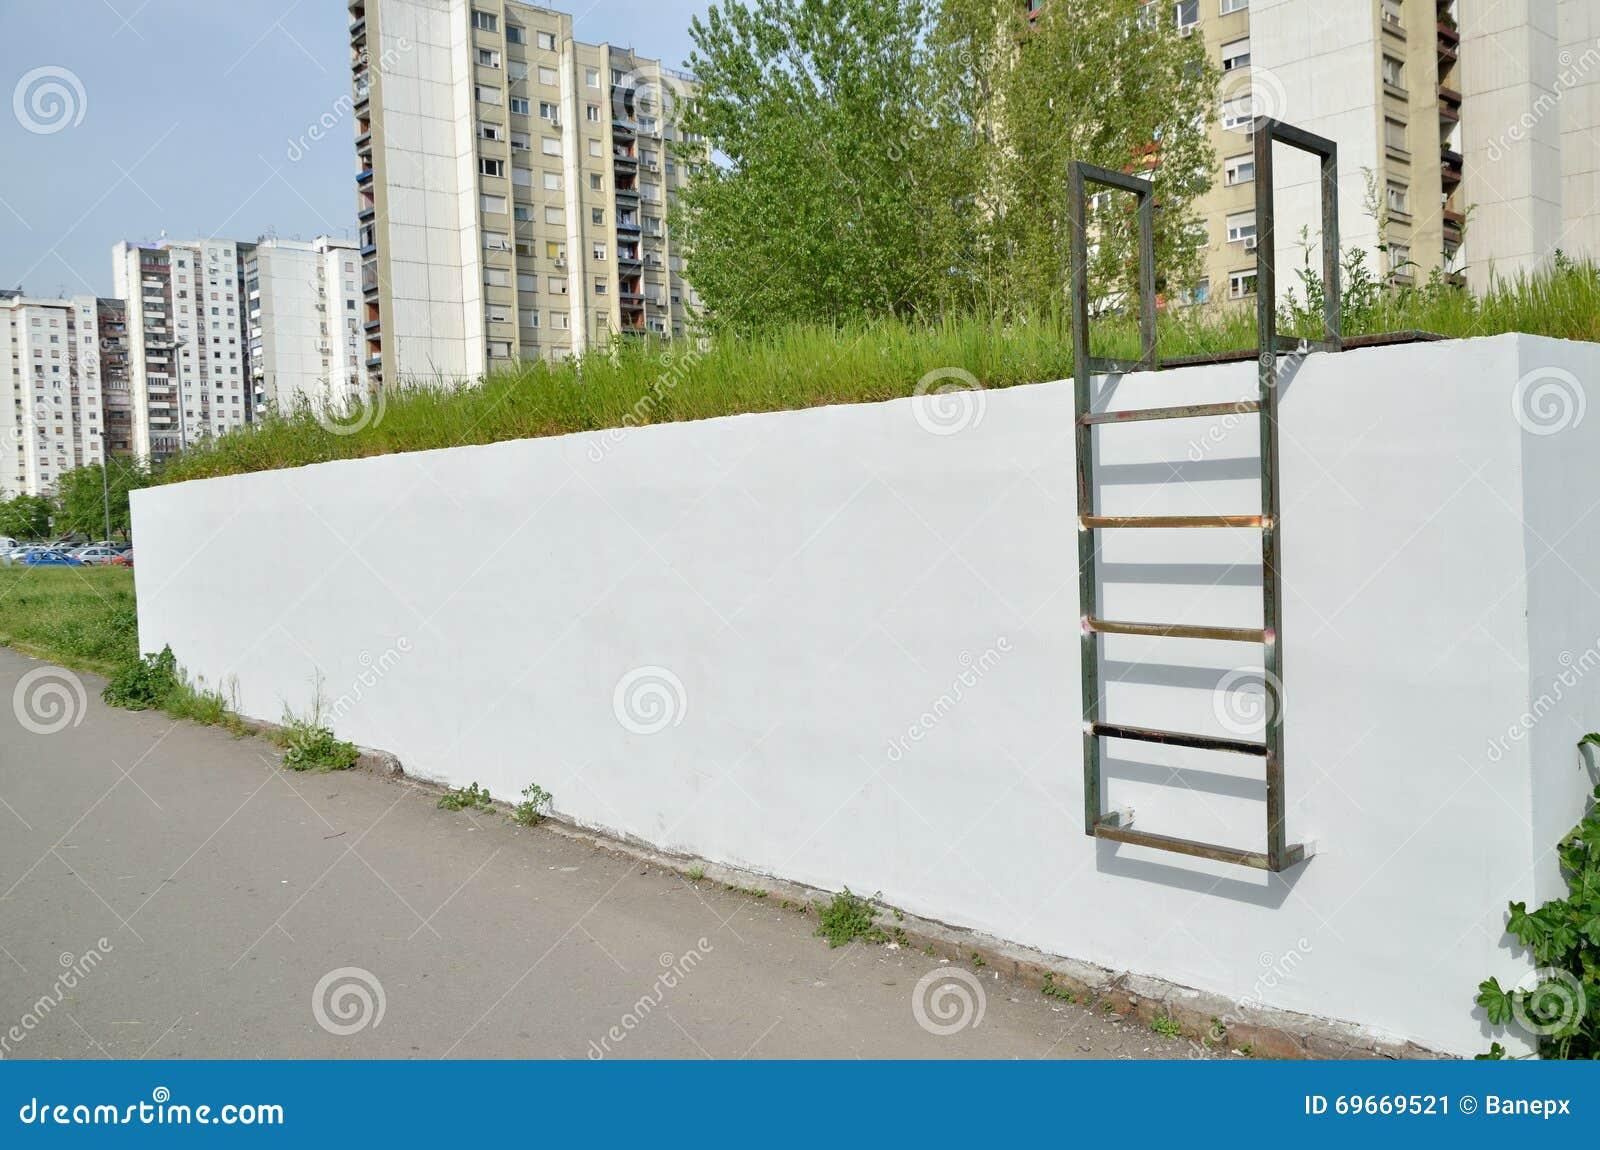 Metallleiter Auf Wand Als Graffiti-Hintergrund Stockbild - Bild von ...